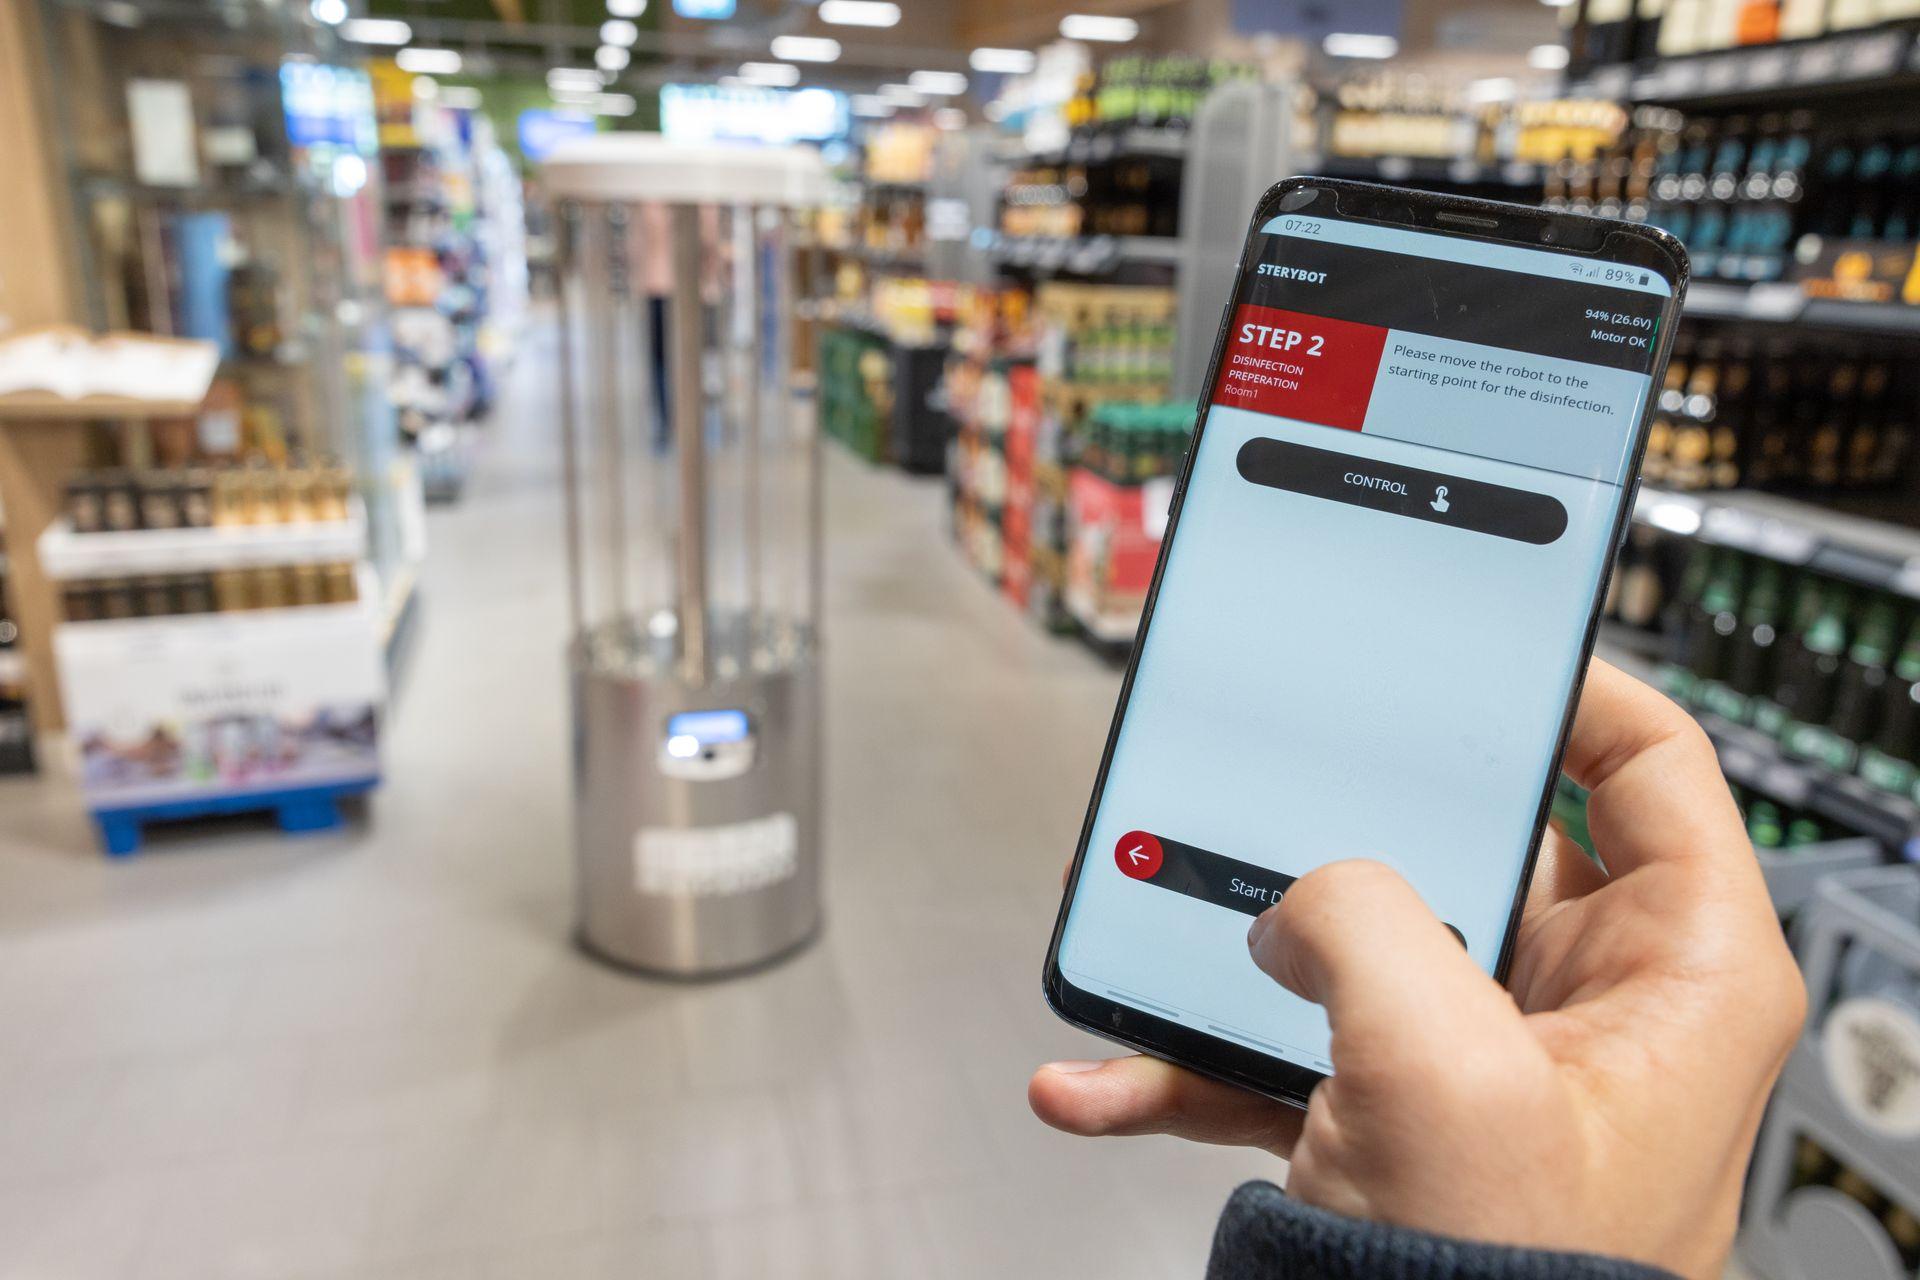 Desinfektionsroboter wird mit App aktiviert - MetraLabs GmbH - STERYBOT